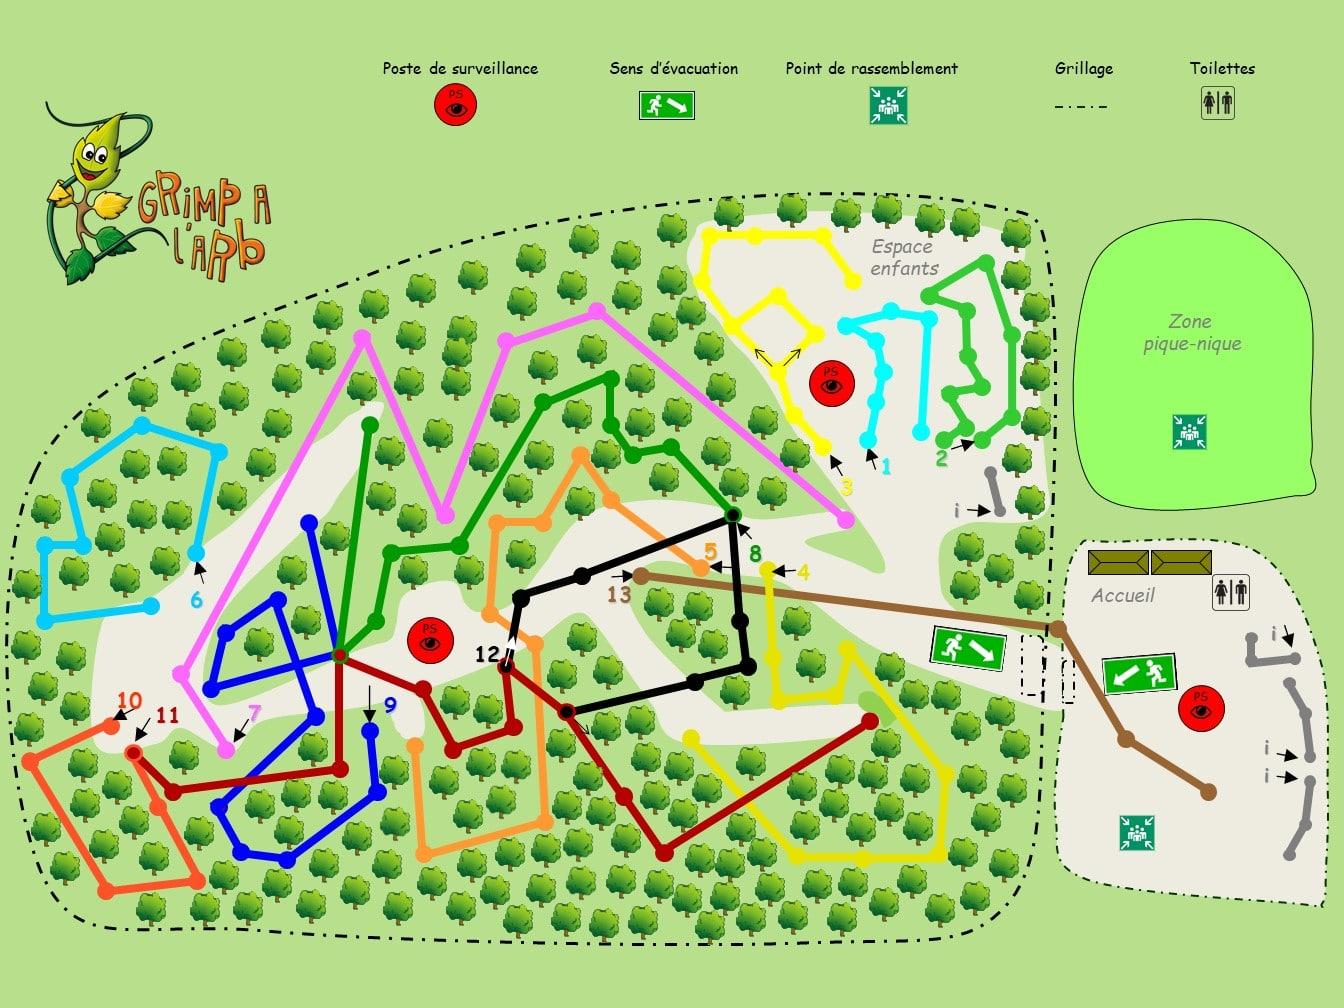 Plan parcours Grimp A L'Arb